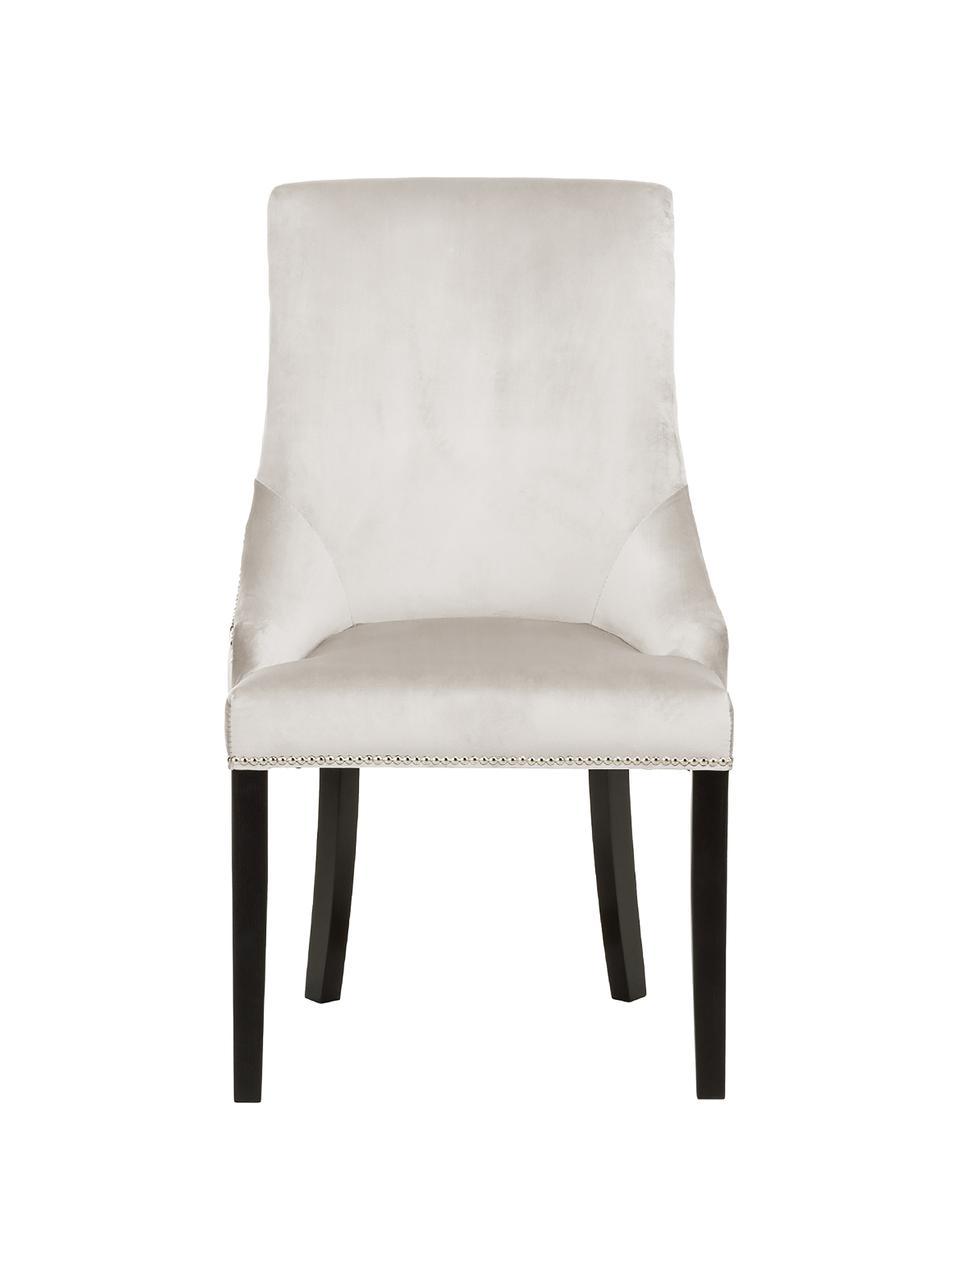 Krzesło tapicerowane z aksamitu Georgia, Tapicerka: aksamit (poliester) 35 00, Nogi: lite, lakierowane drewno , Odcienie kremowego, czarny, stalowy, S 56 x G 62 cm